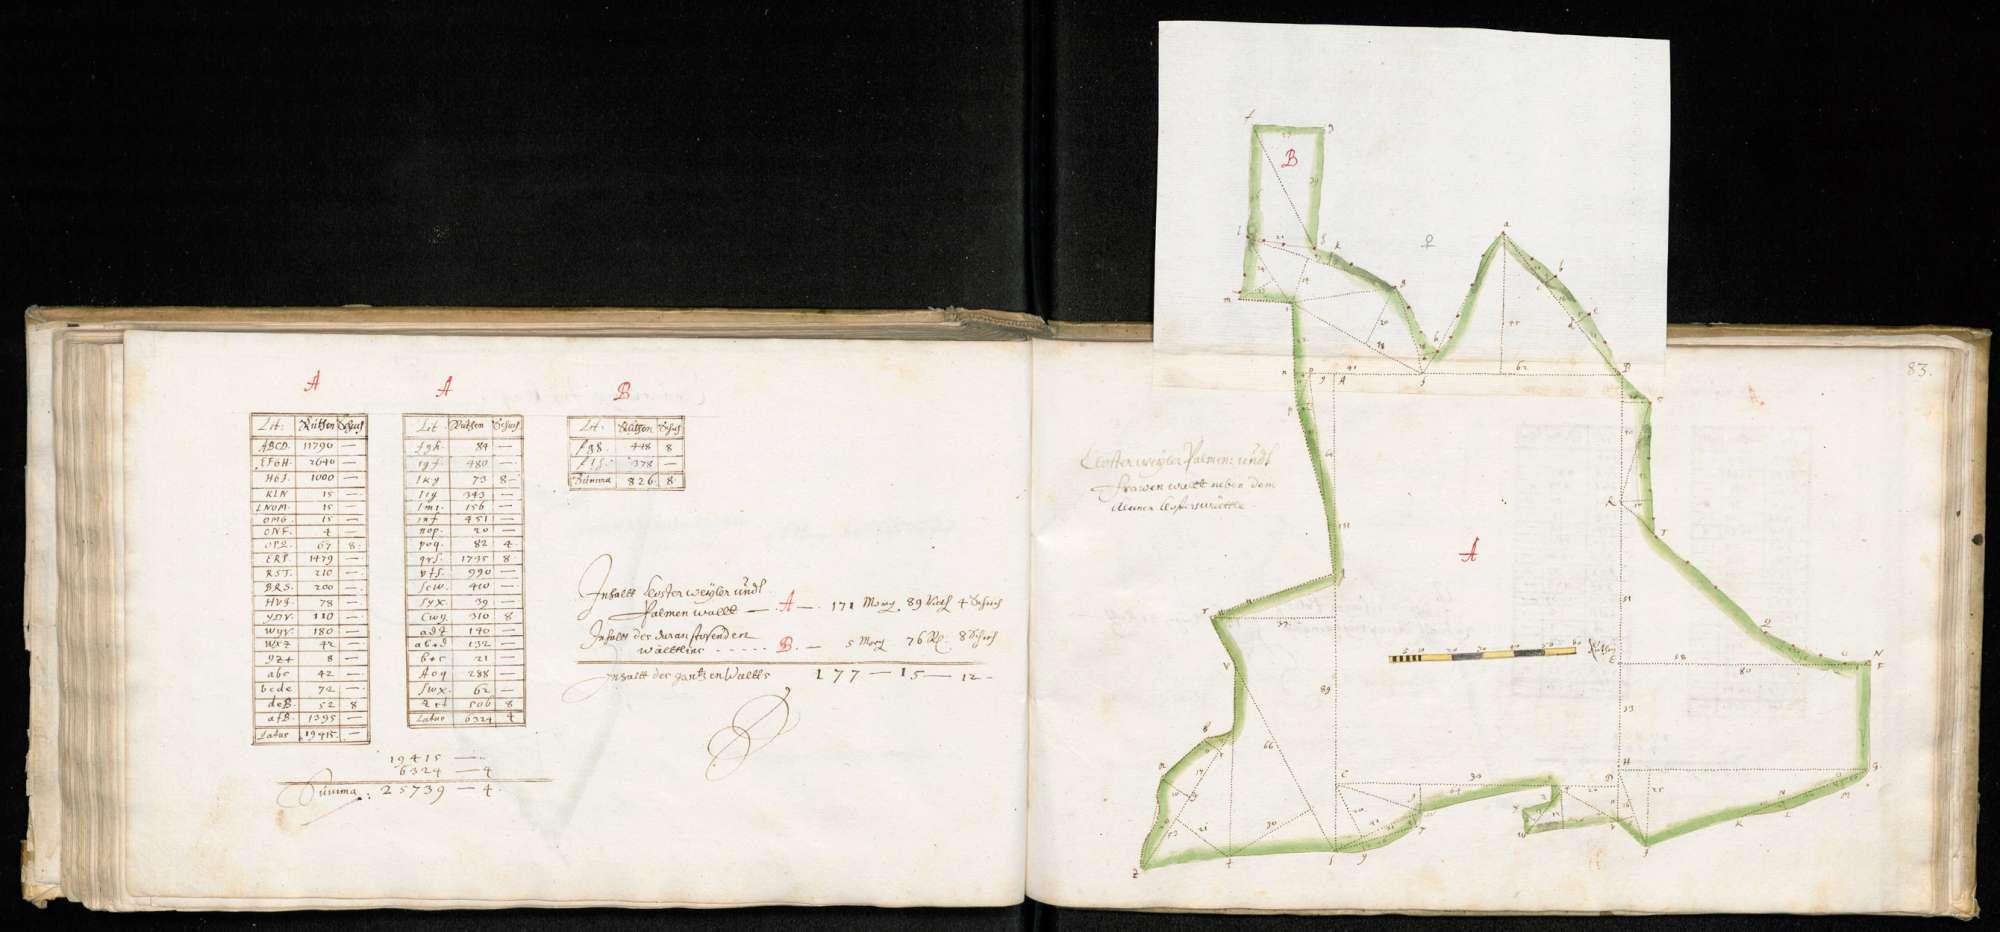 """Ruiter Hut: """"Kloster Weiler Palmen- und Frauenwald"""", Bild 1"""